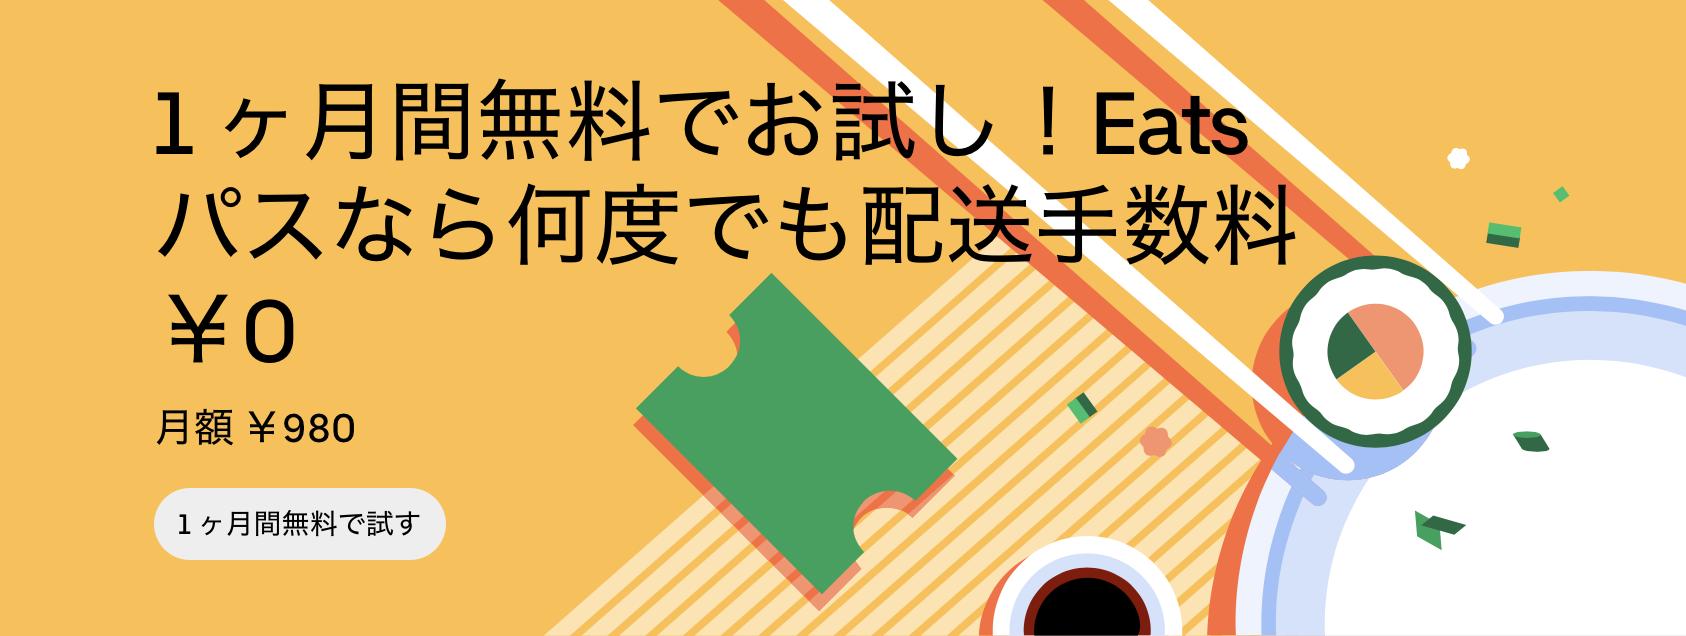 Uber Eats月間パス